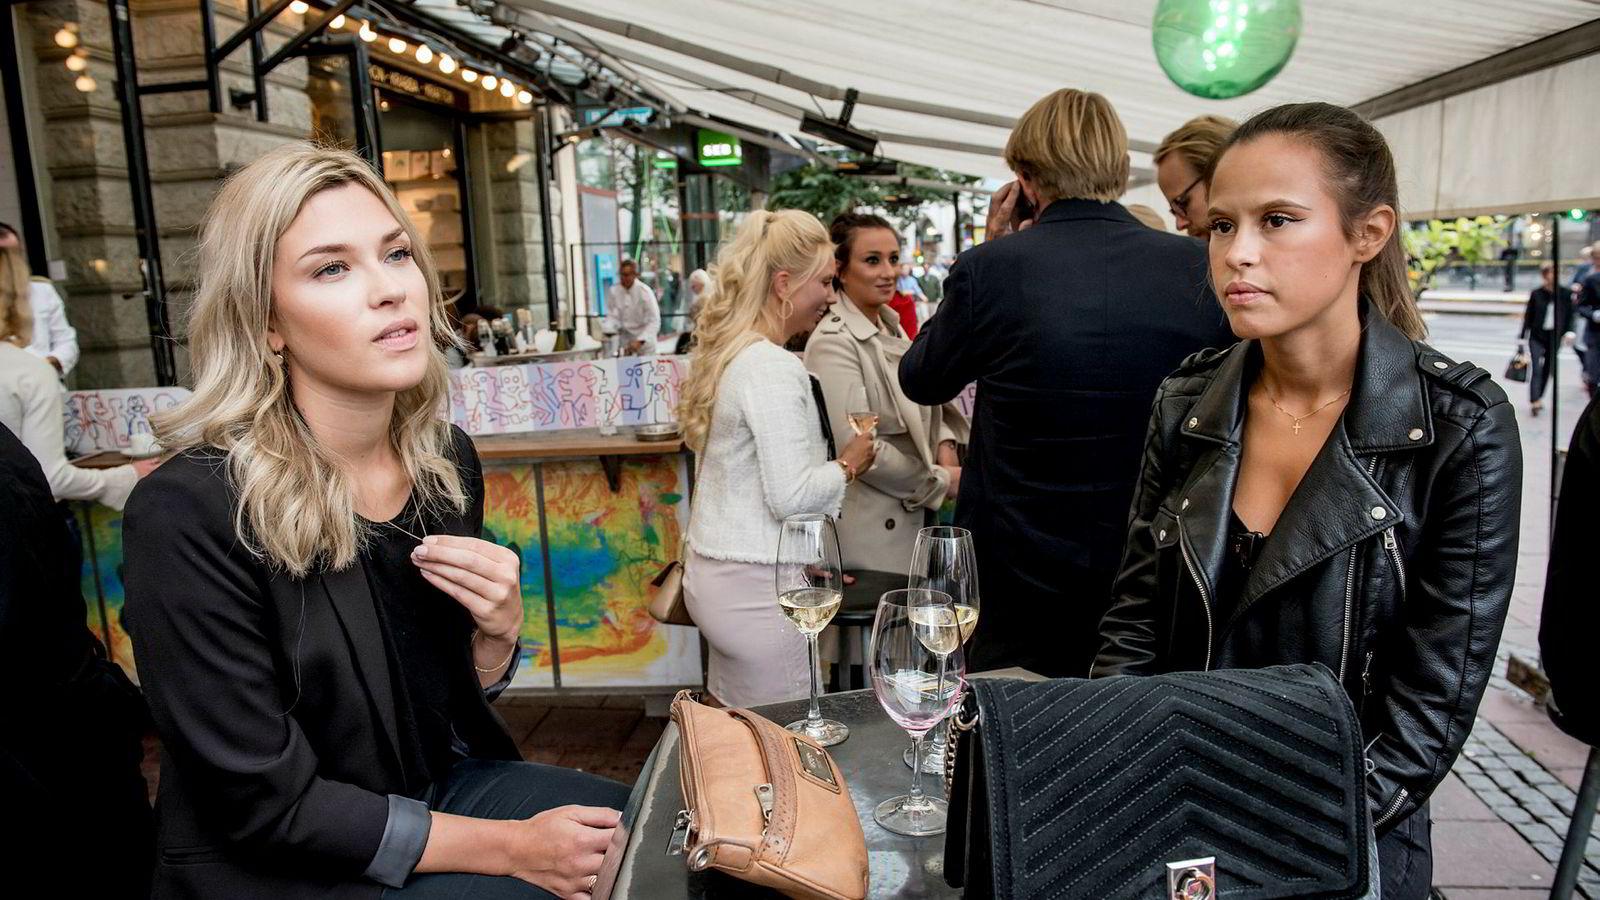 Bedriftsøkonomistudent Sofia (27) til venstre og flyvertinne Nicole (26) drikker et glass hvitvin på Stureplan. De er bekymret for søndagens riksdagsvalg.